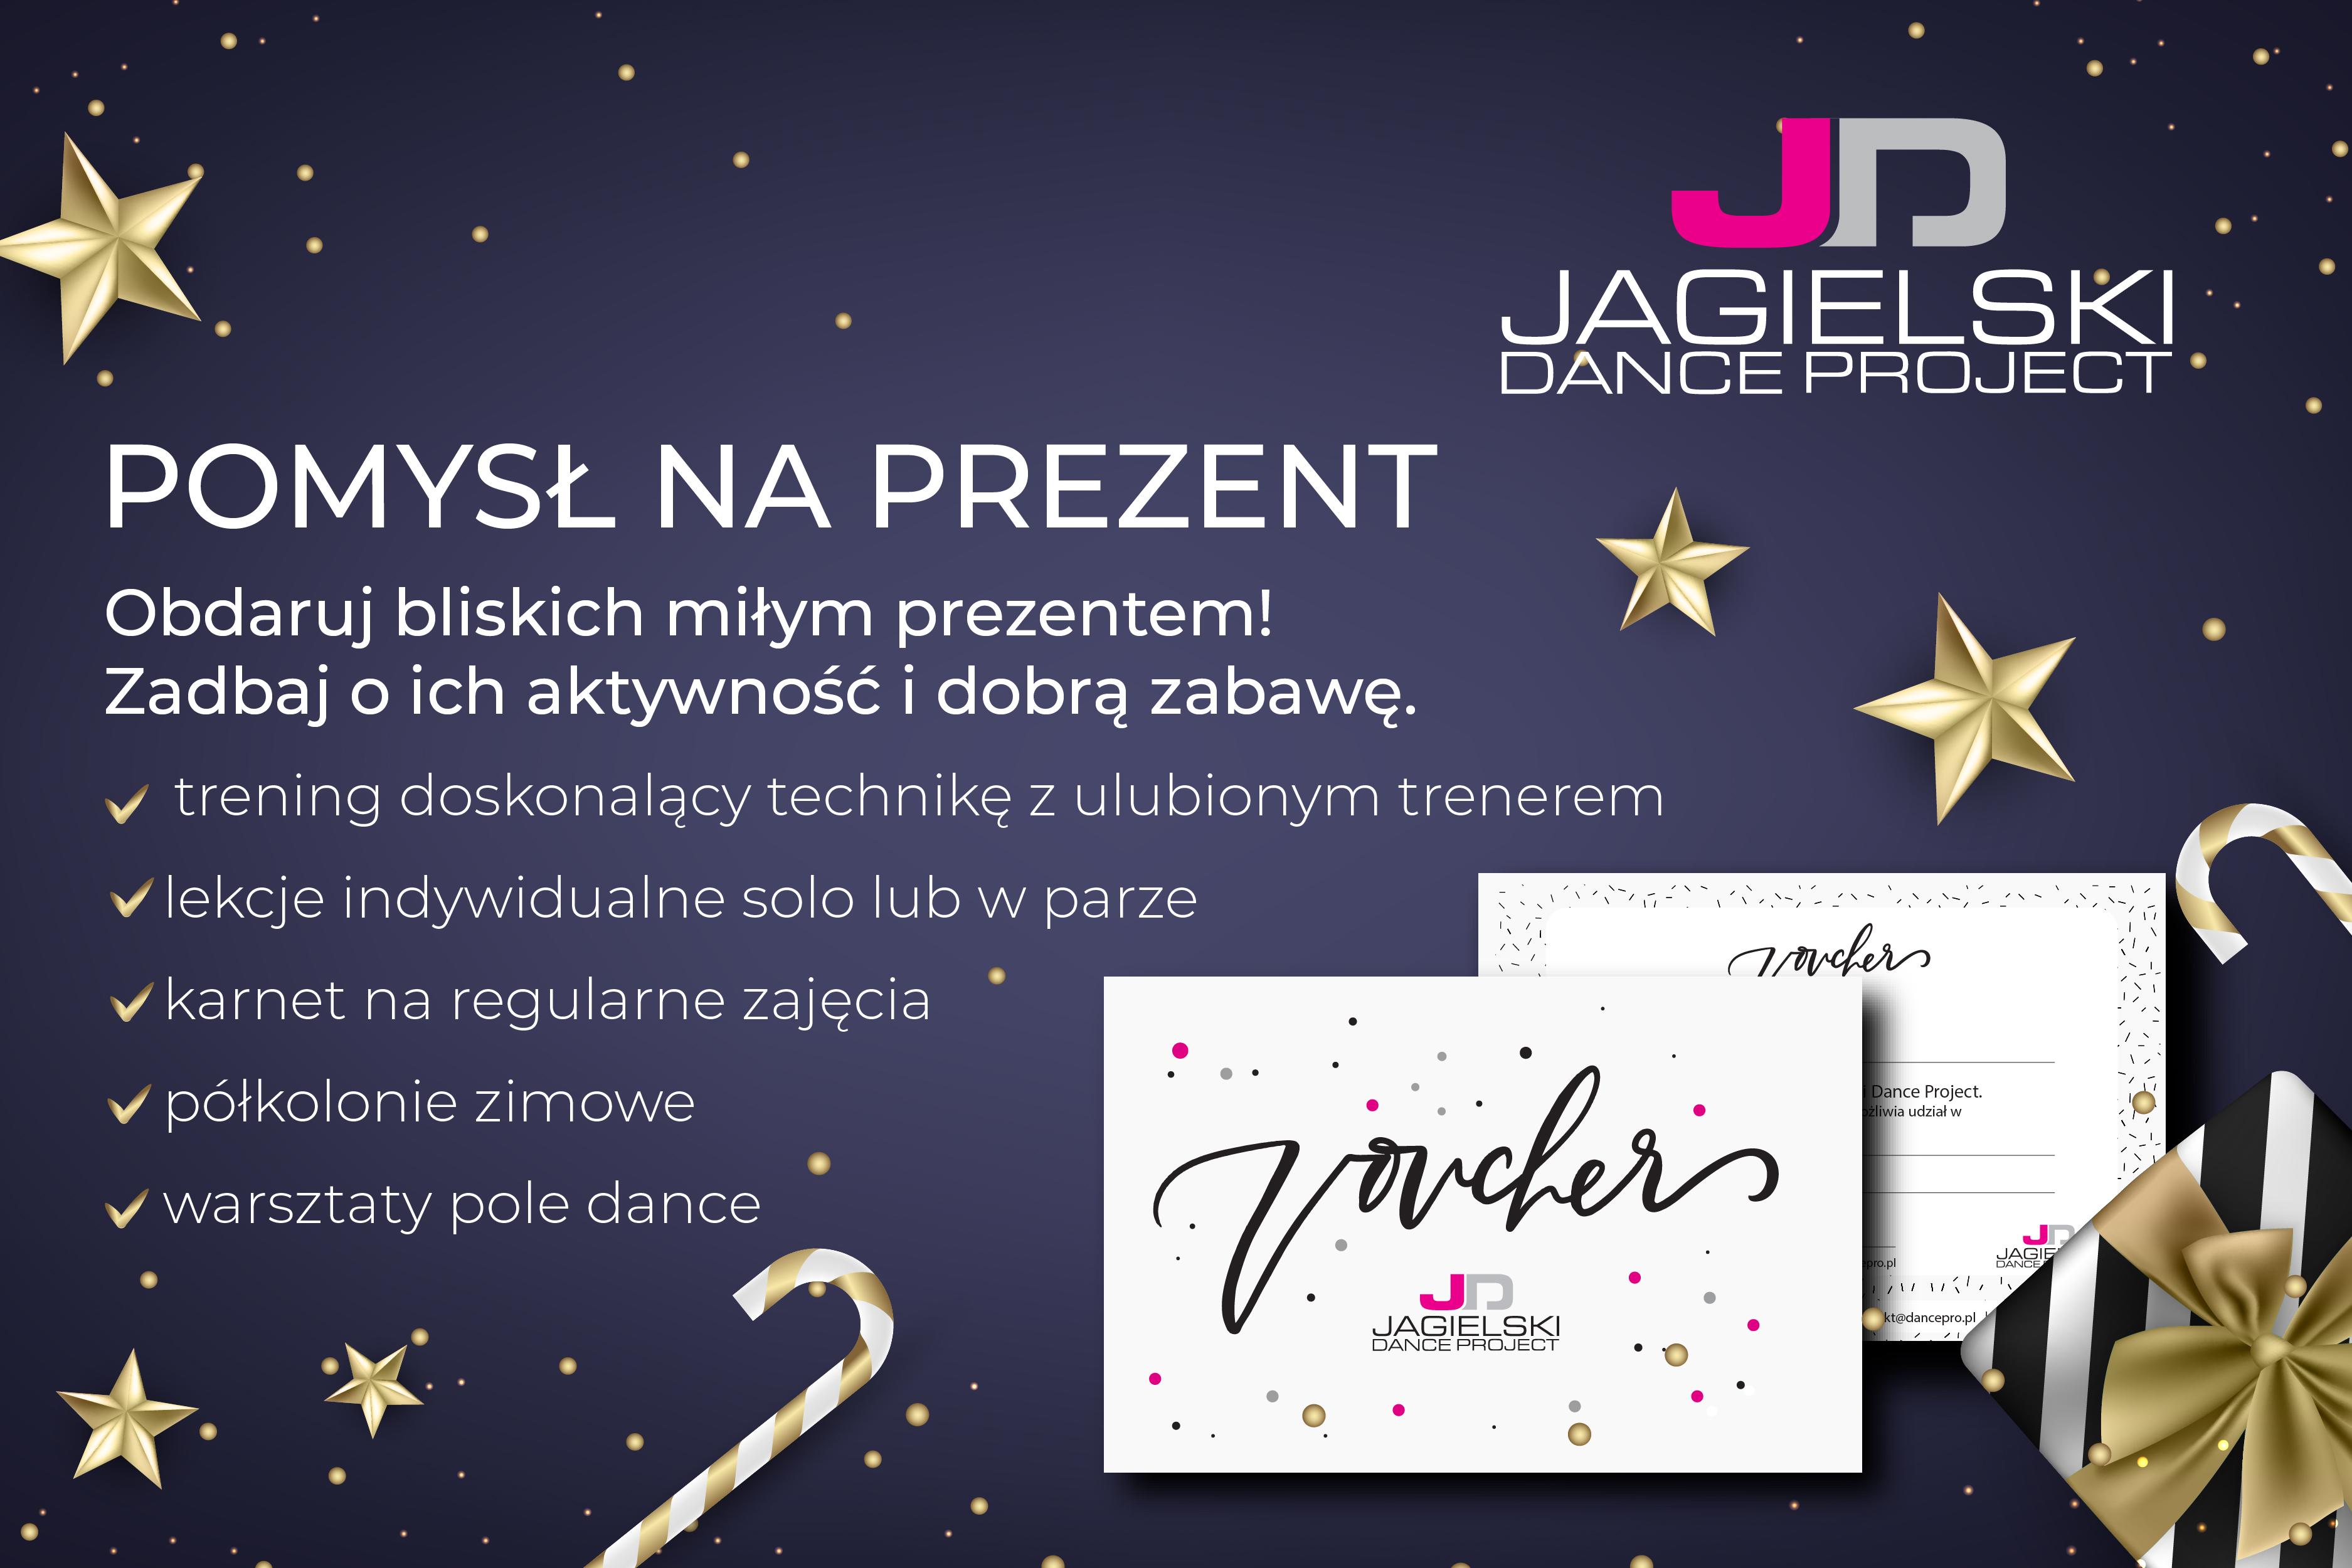 Voucher - pomysła na prezent - Szkoła Tańca Jagielski Dance Project